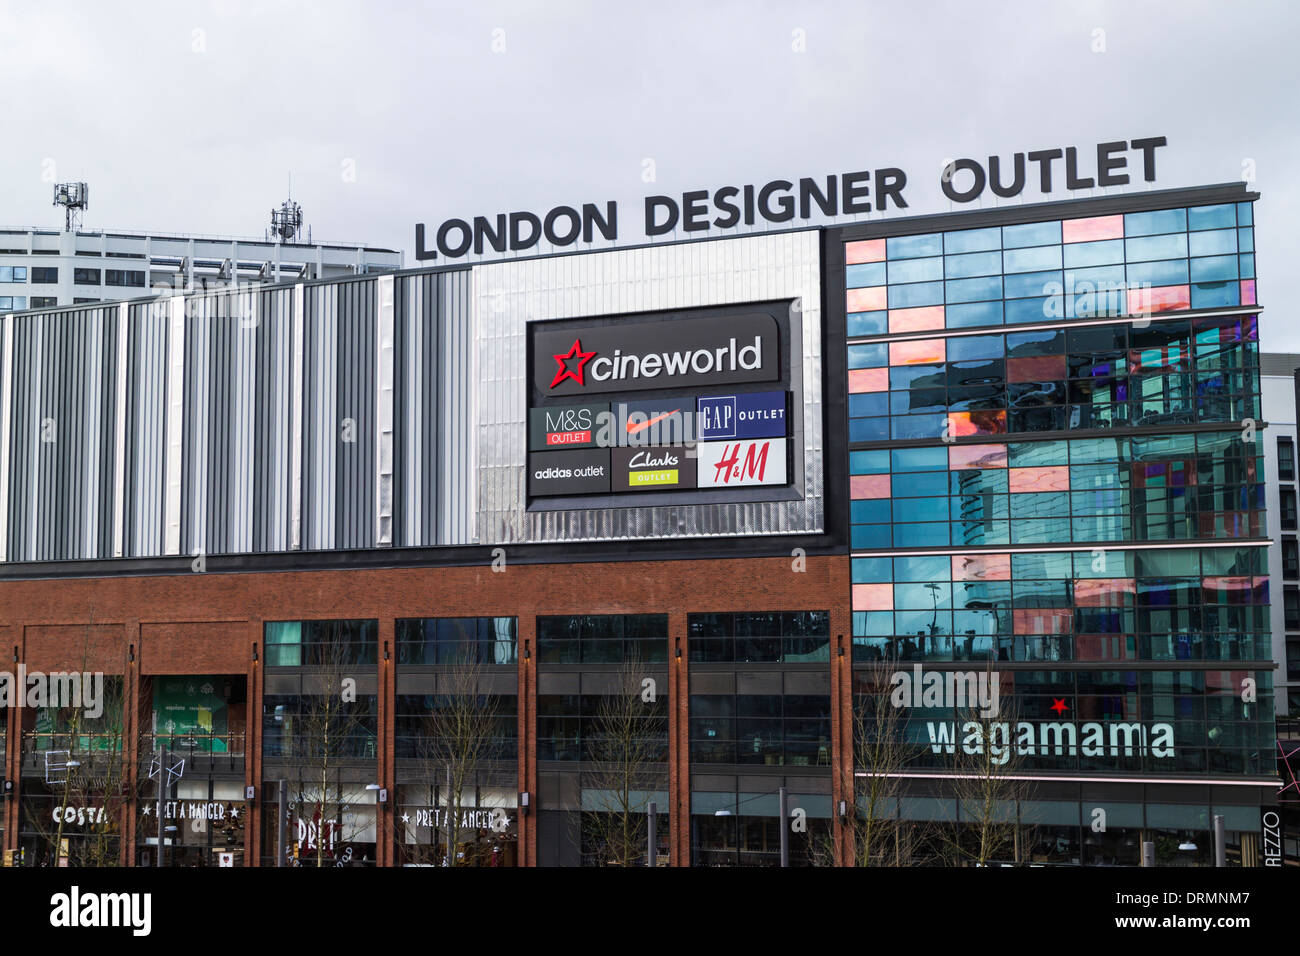 London Designer Outlet - Wembley Park - Stock Image